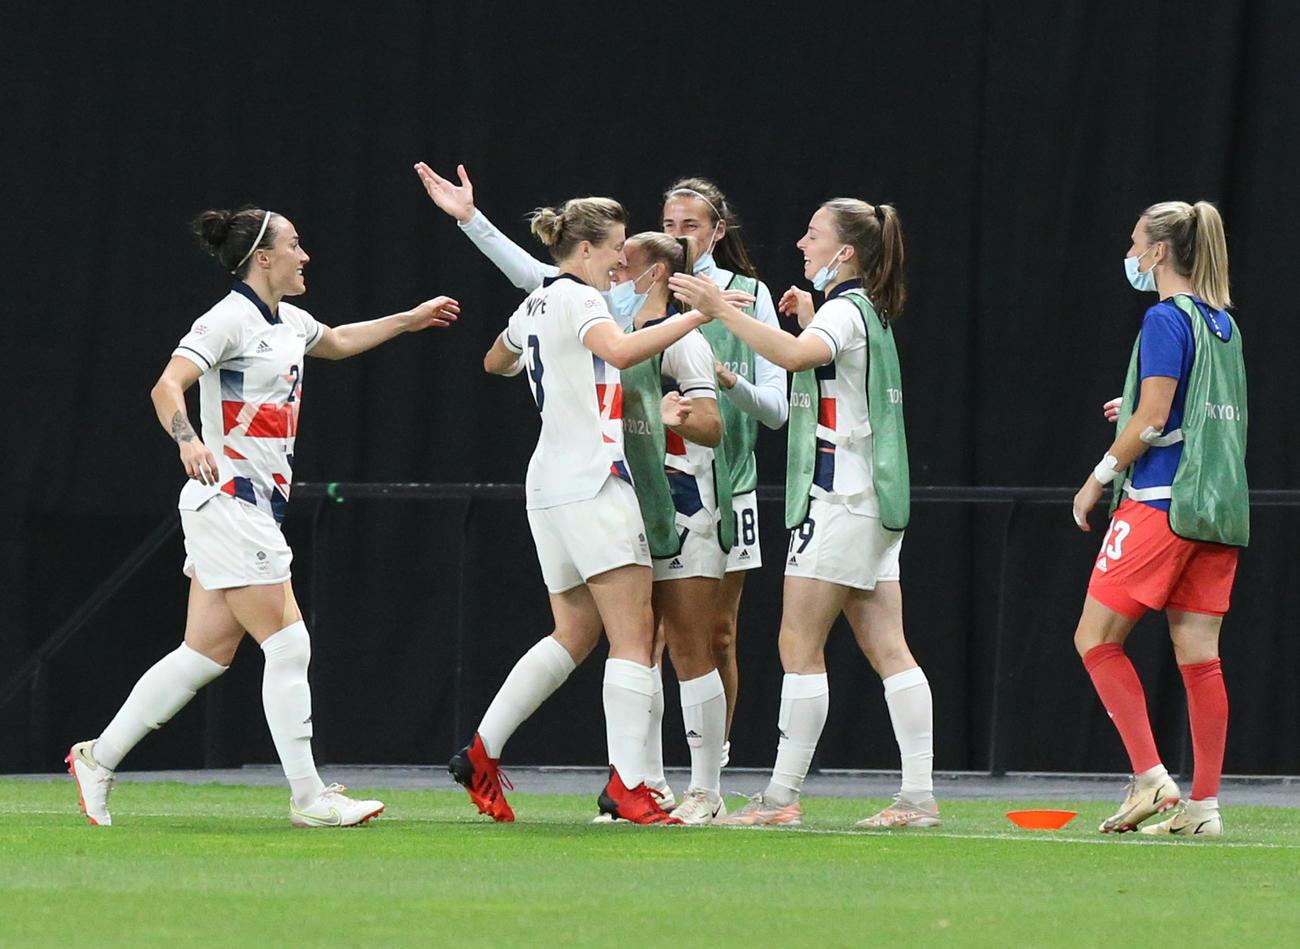 日本対英国 後半、ゴールを決めチームメートに祝福される英国ホワイト(左から2人目)(撮影・佐藤翔太)